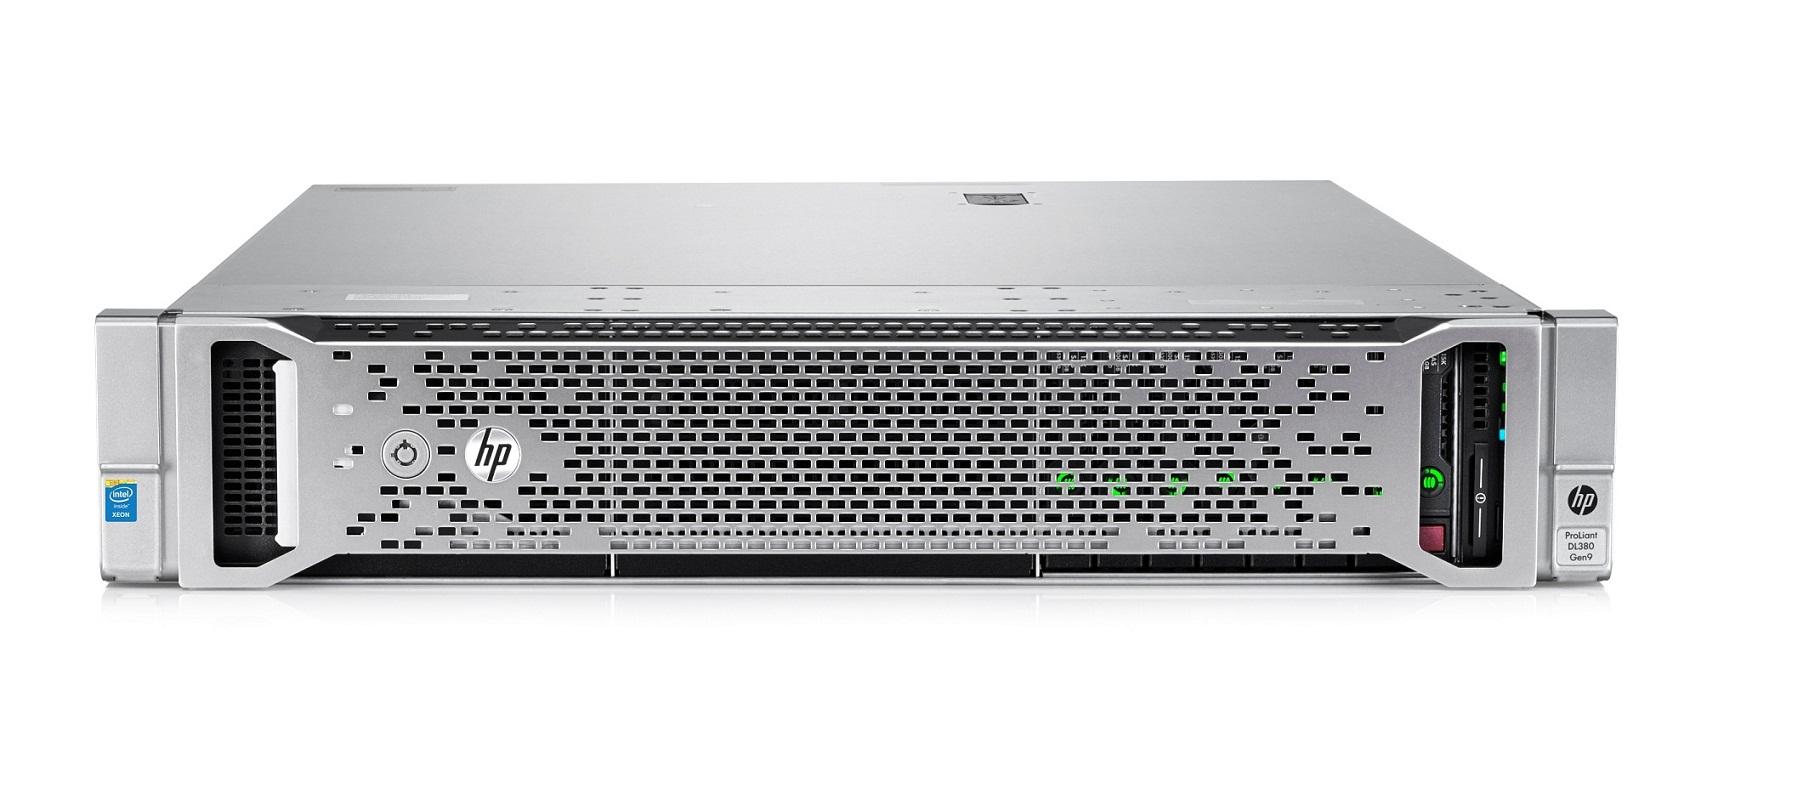 سرور HP DL380 gen9 8SFF